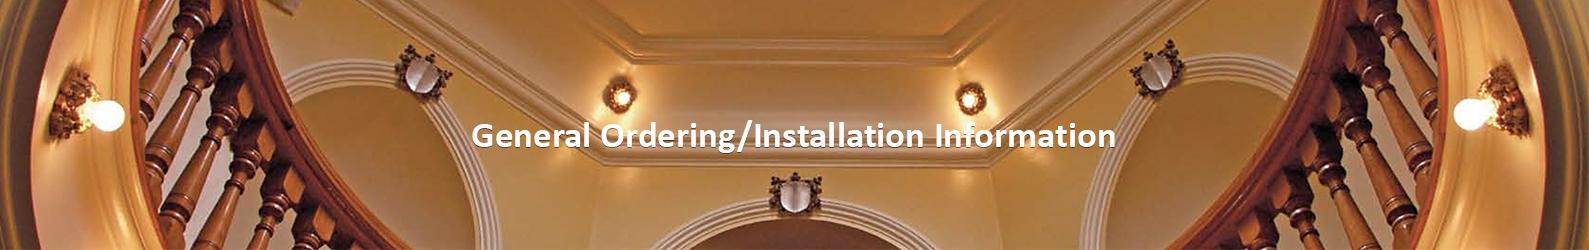 Ordering Installation Information